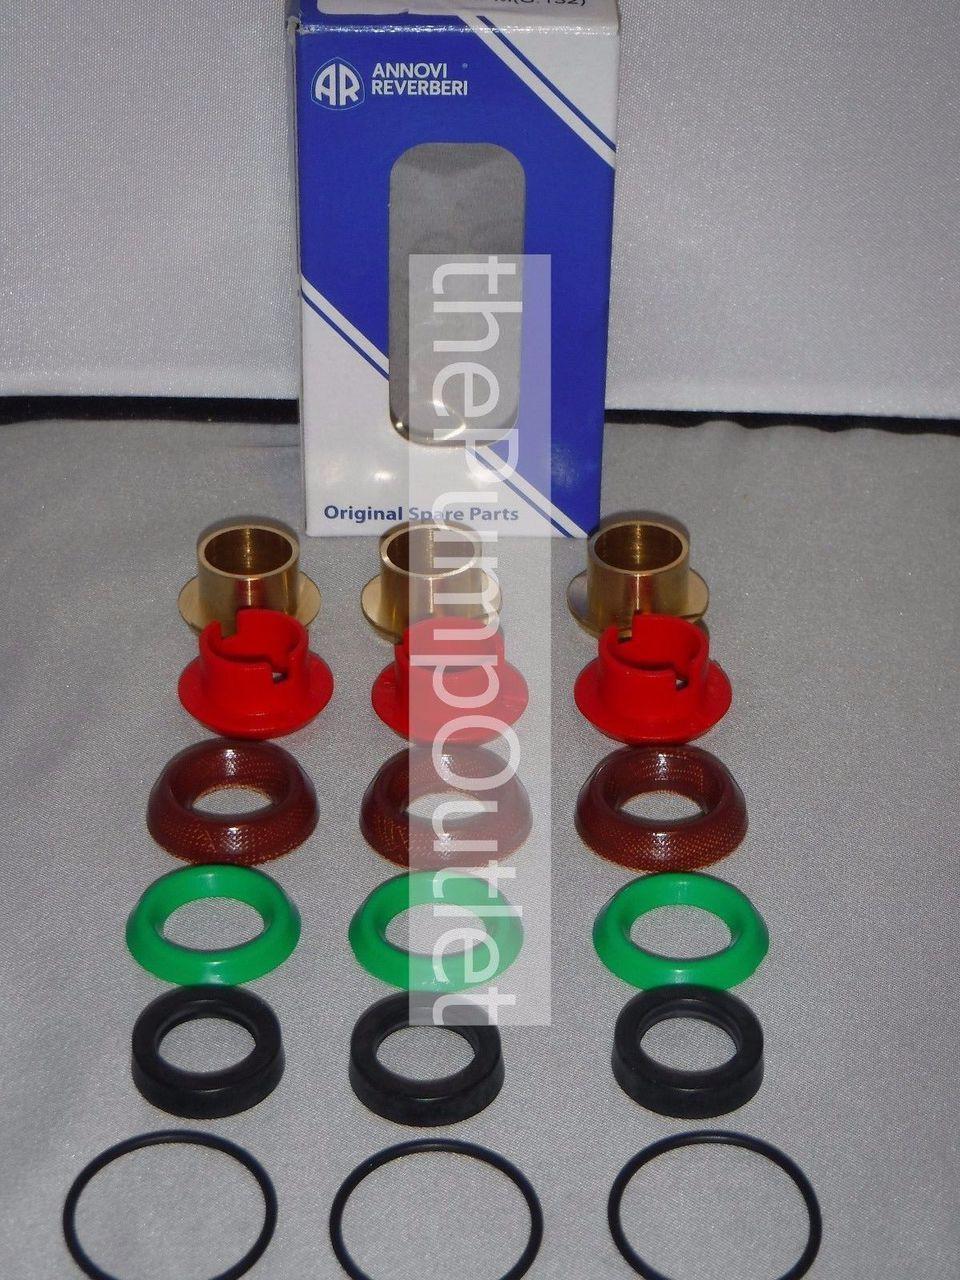 AR 2520 15mm Seal Repair Kit for XTA XTV XT Series Pressure Washer Pumps  *OEM *